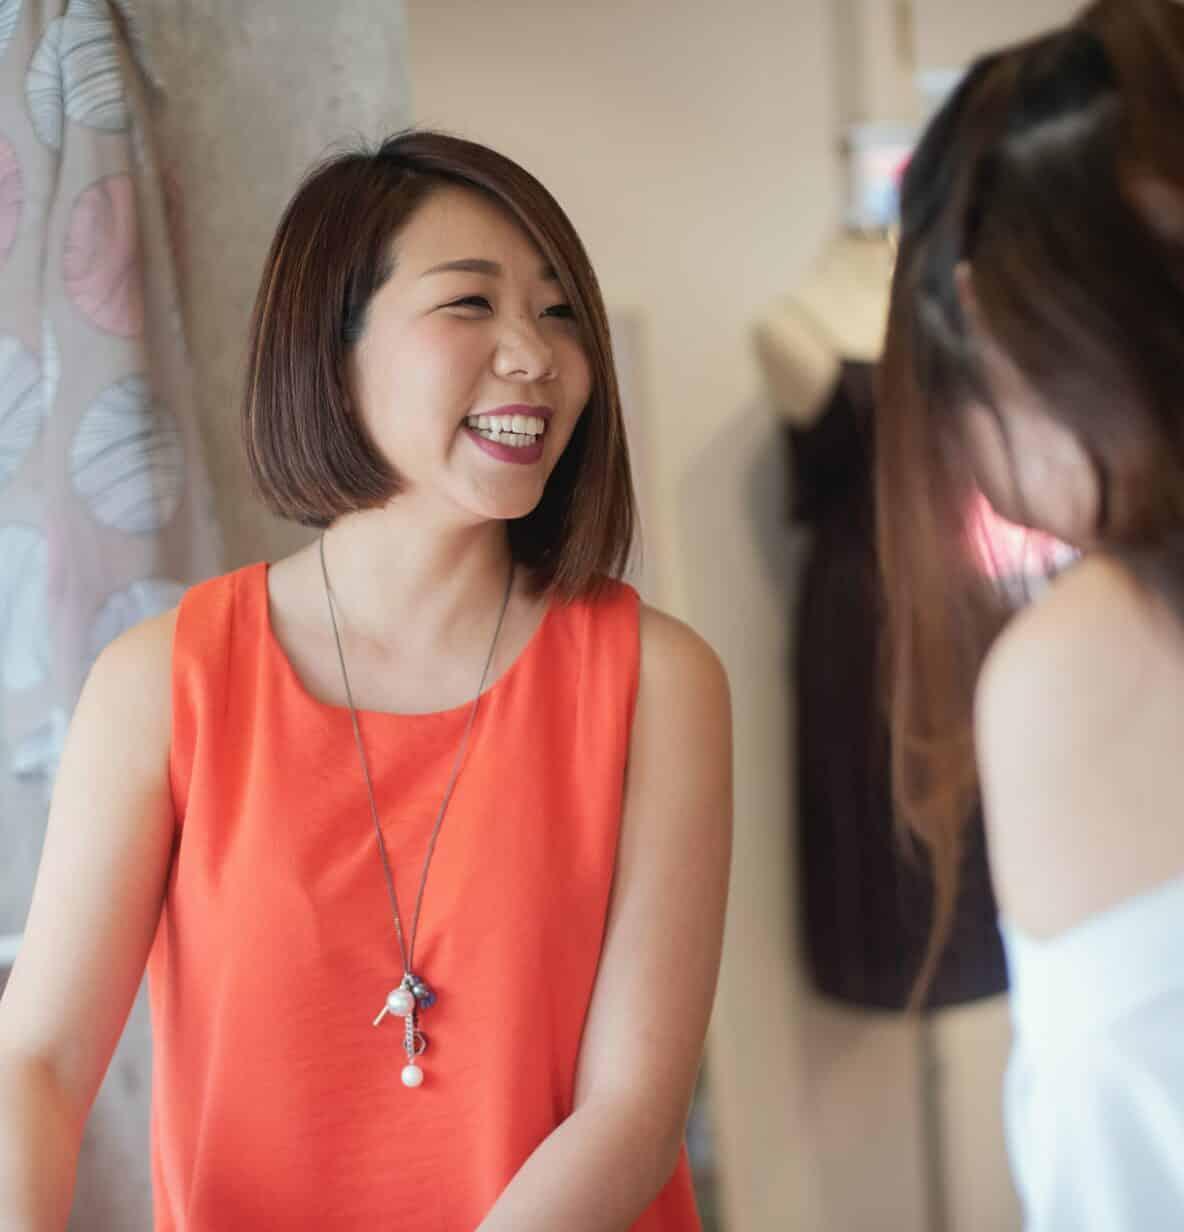 Woman smiling at customer